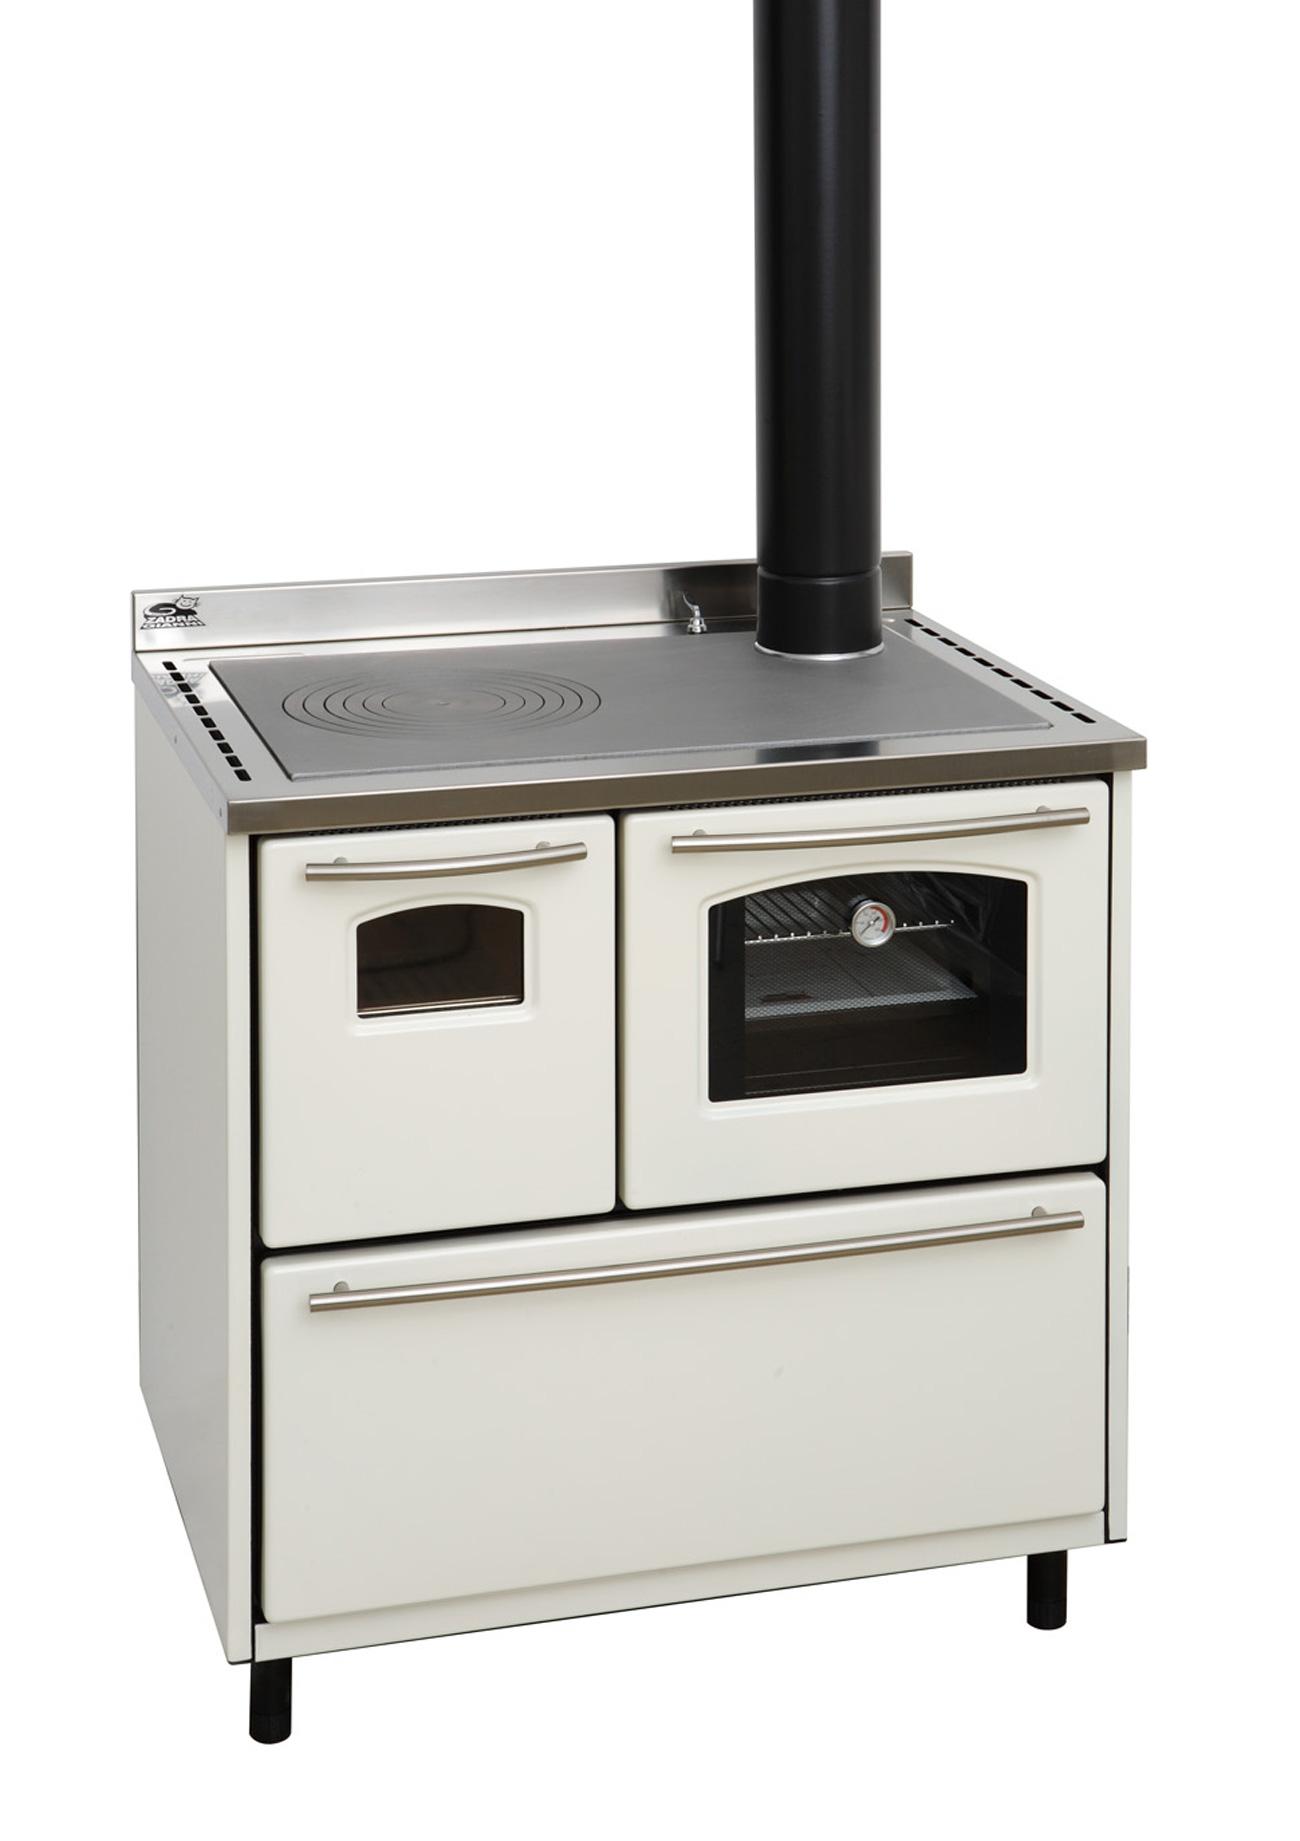 Cucina da appoggio 80 x 60 cucine stufe a legna e termocucine - Cucine a pellet prezzi ...